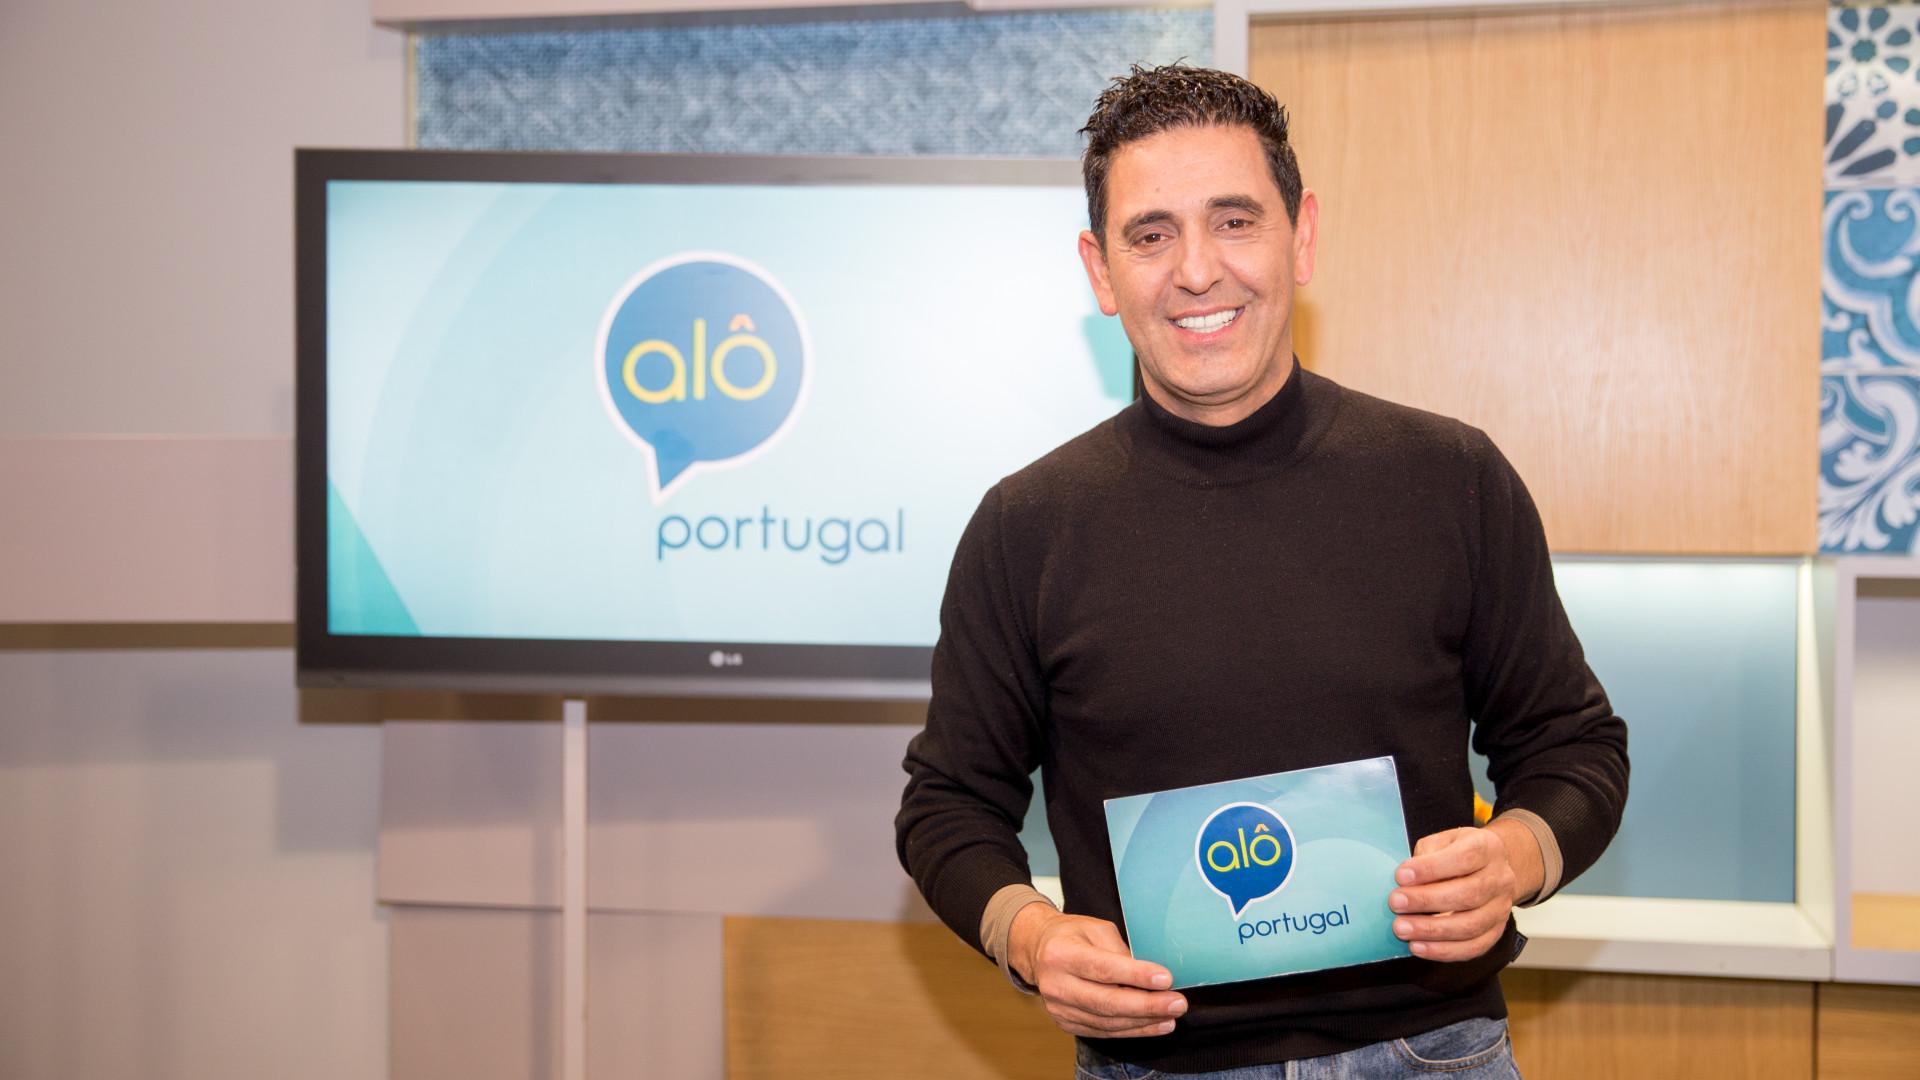 SIC continua com alterações. José Figueiras 'regressa' à generalista